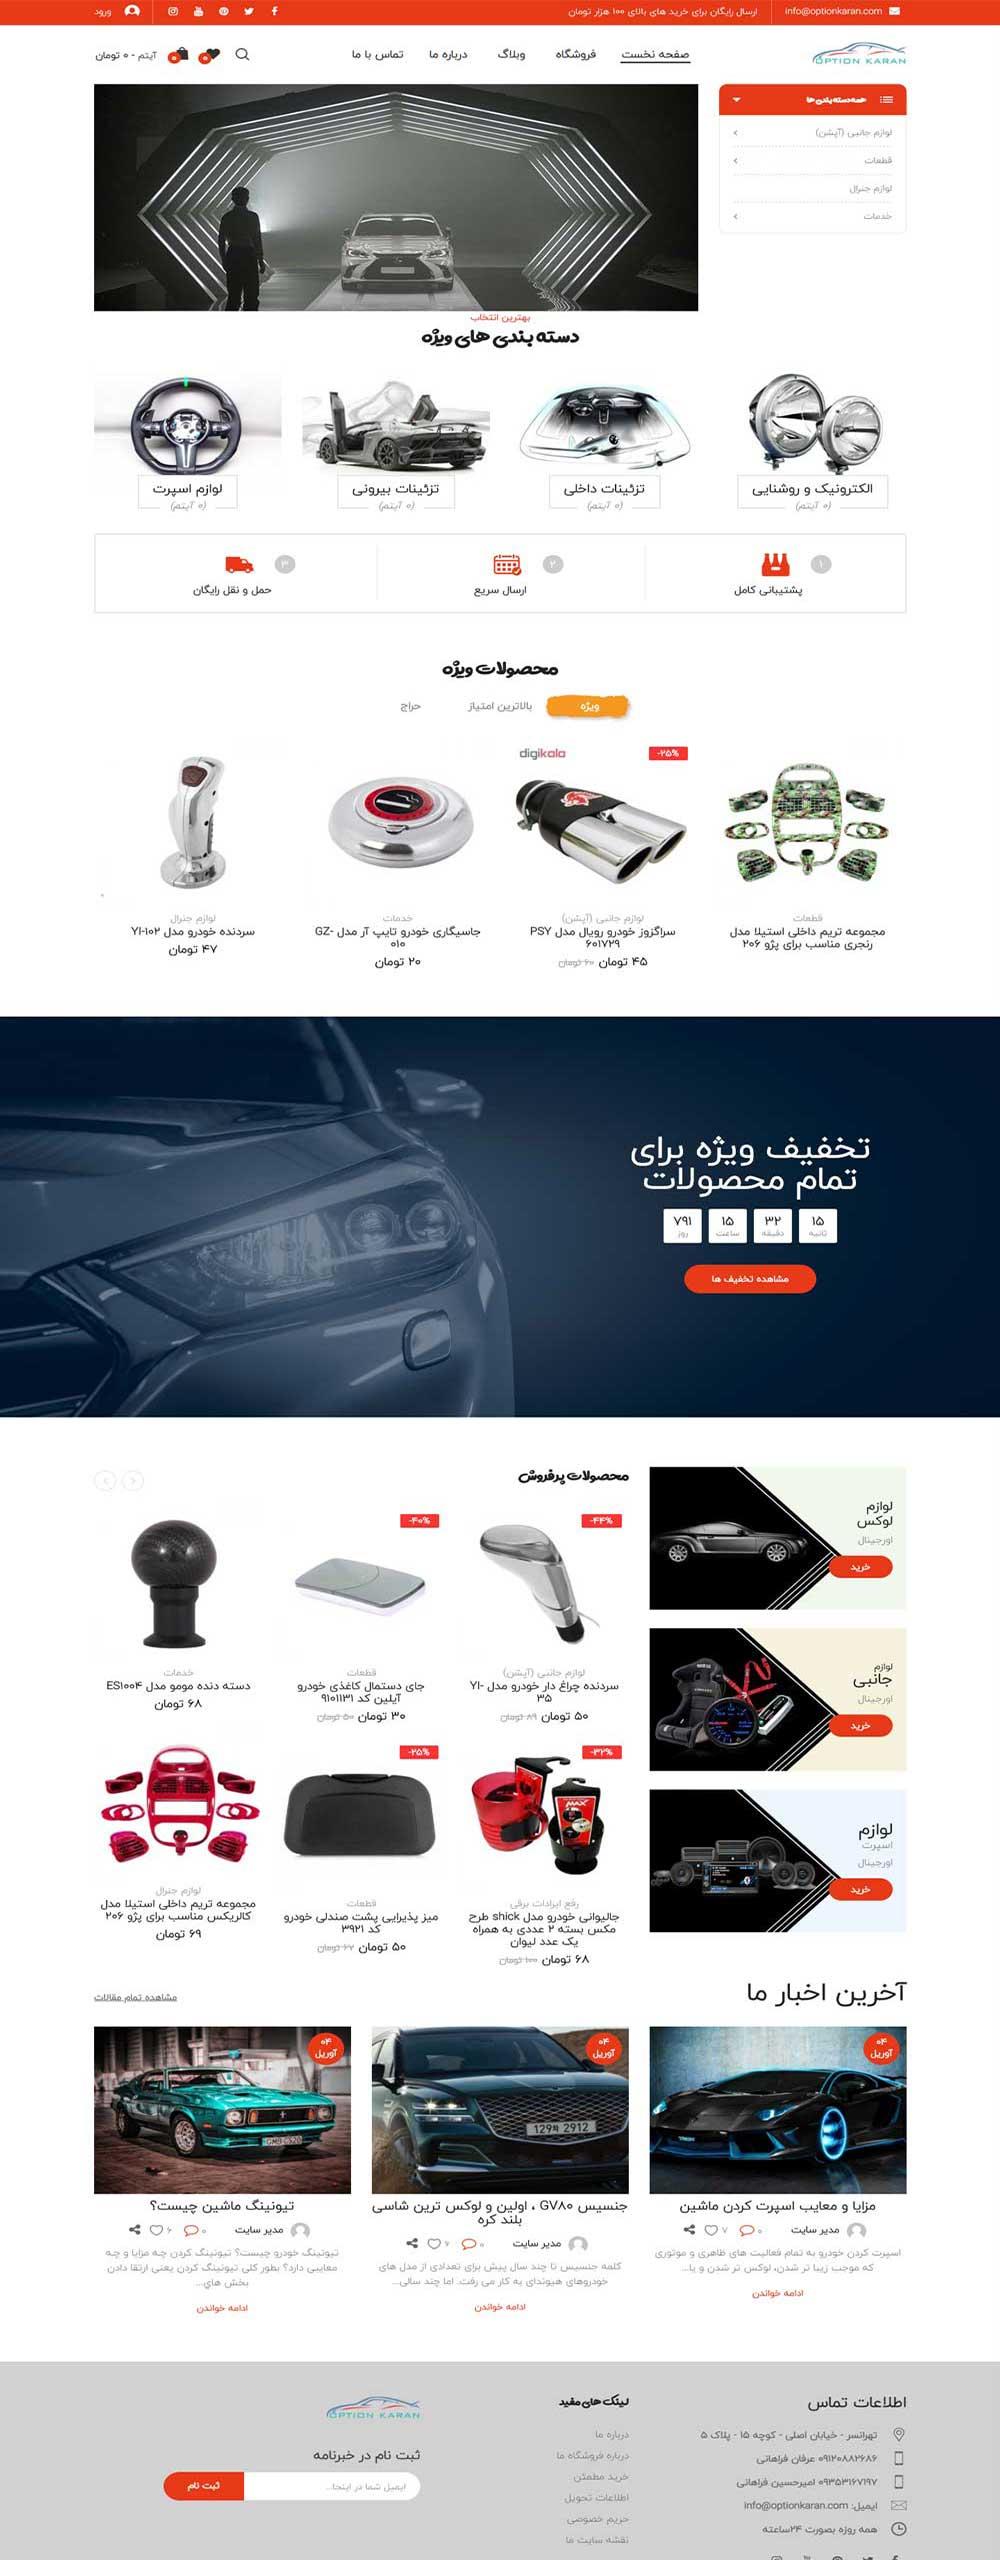 طراحی سایت فروشگاه